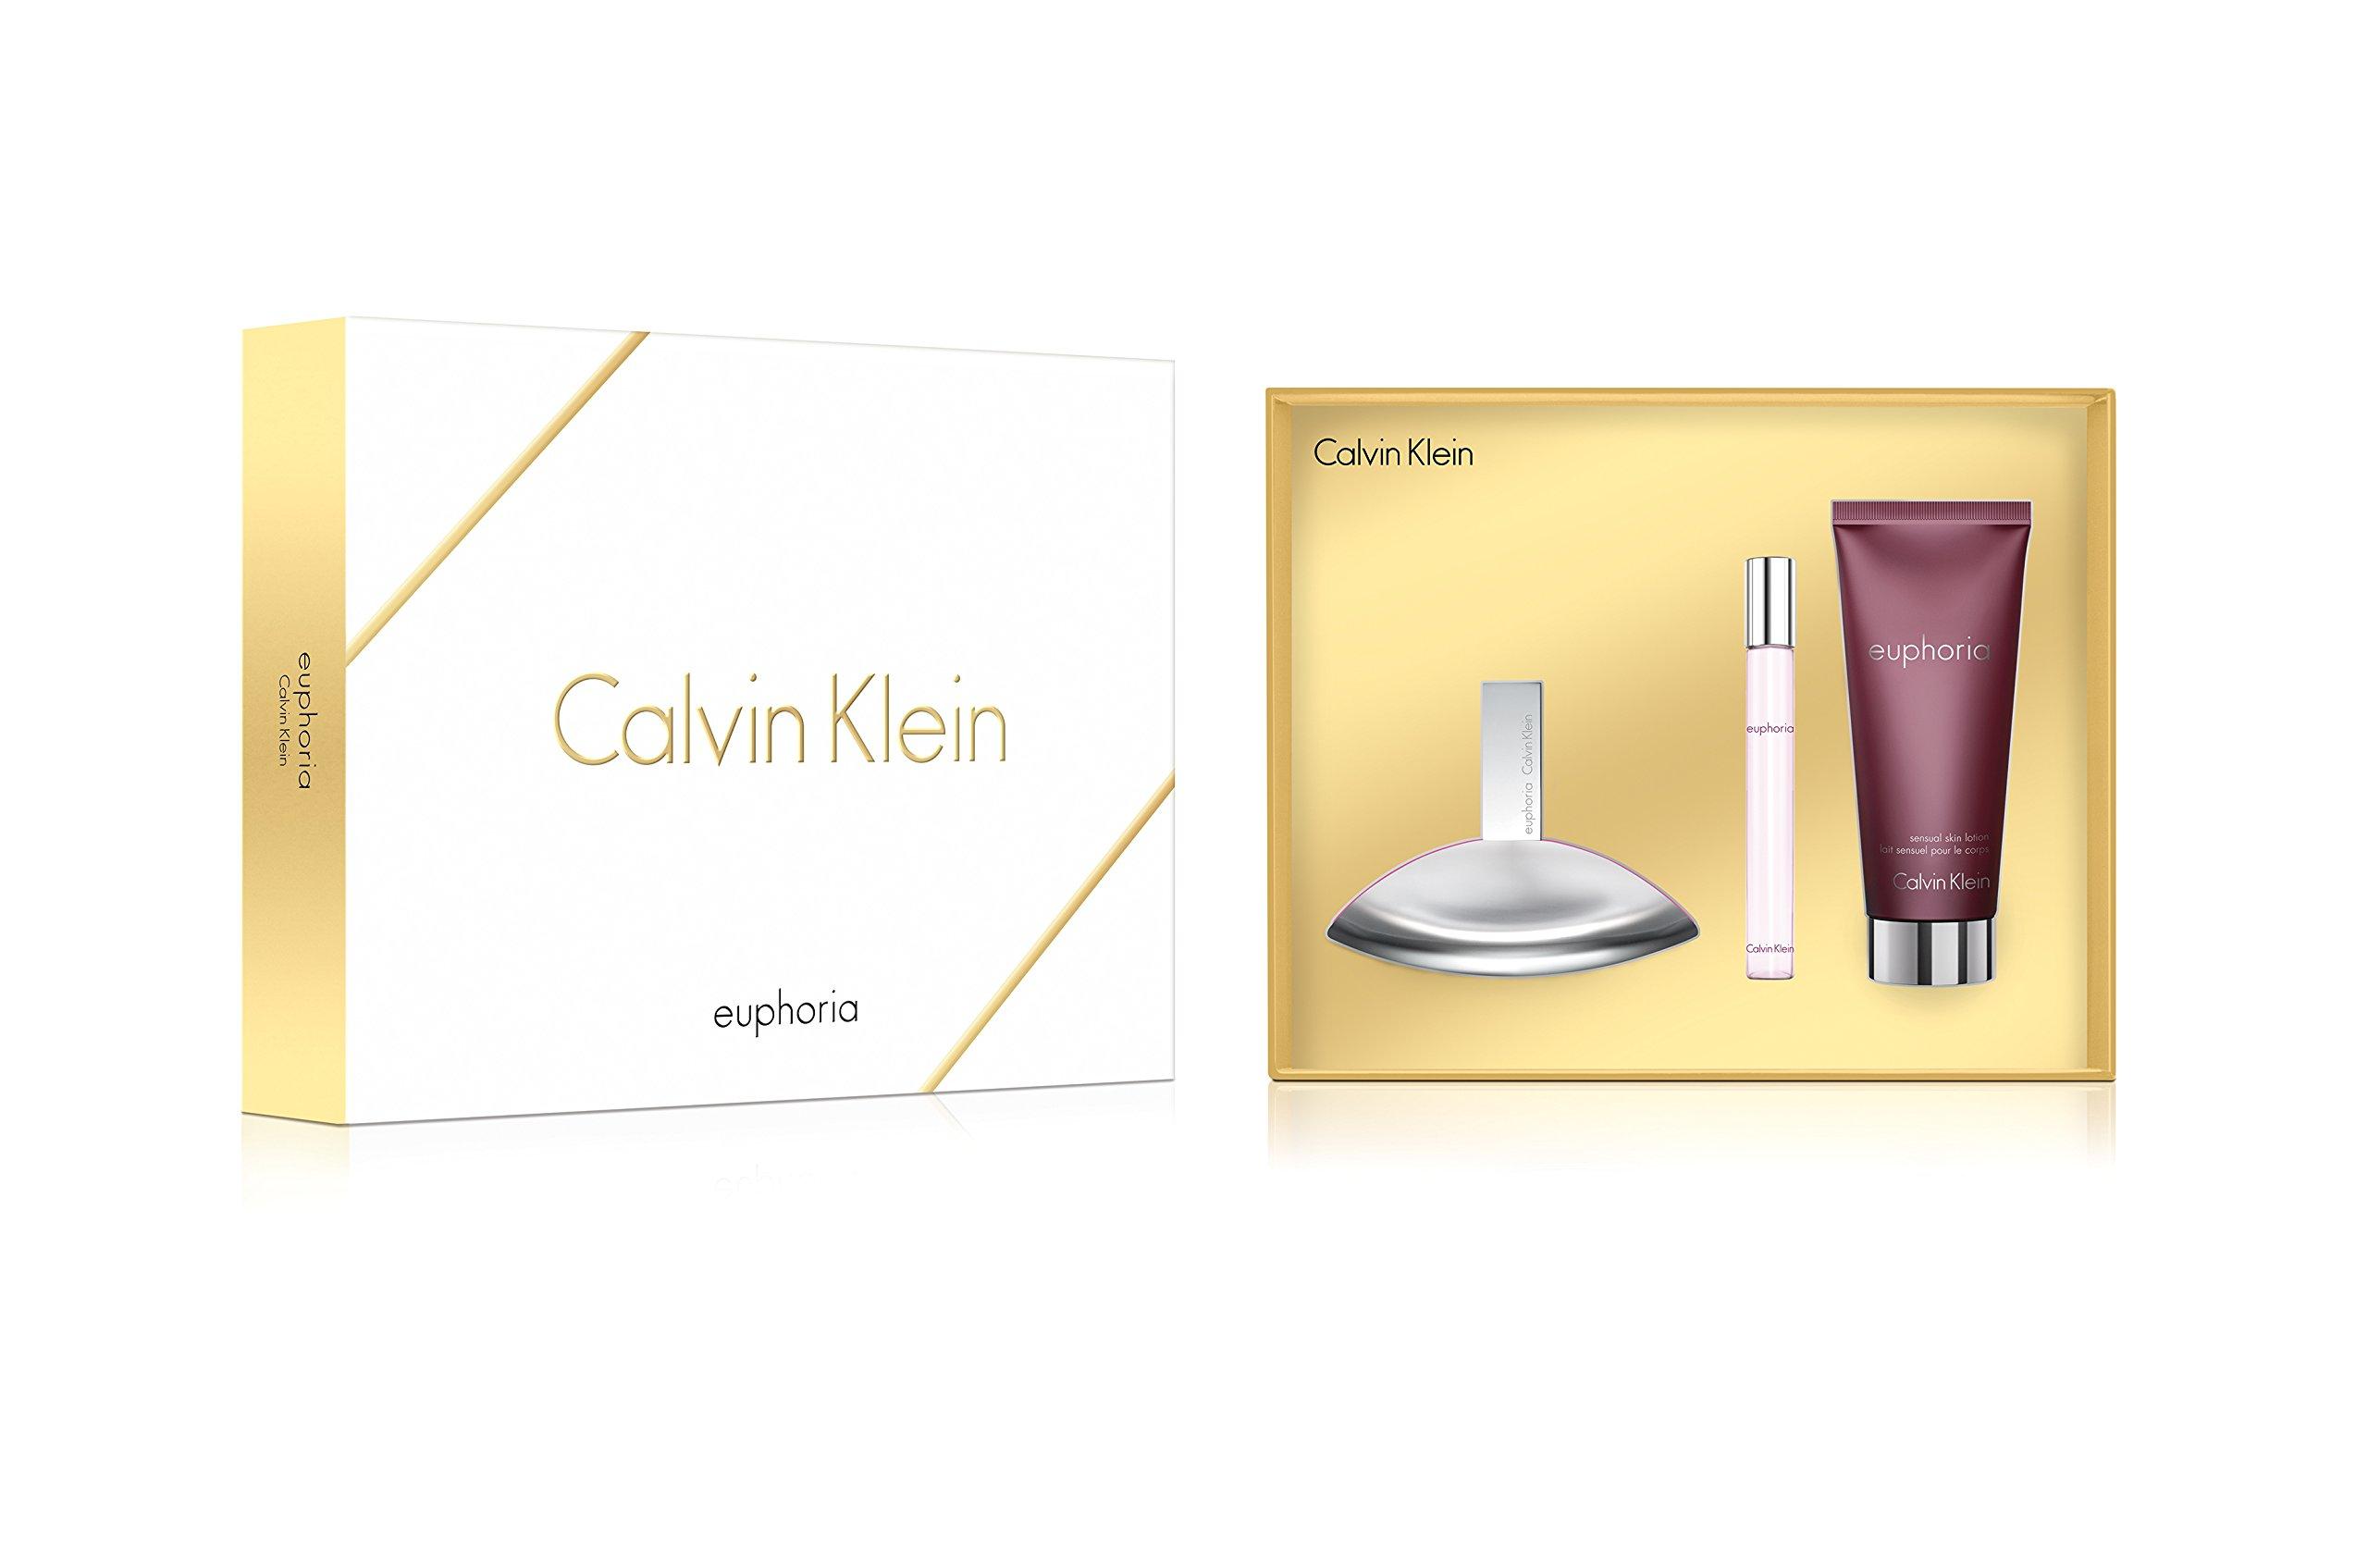 Calvin Klein 3 Piece Euphoria Holiday Gift Set